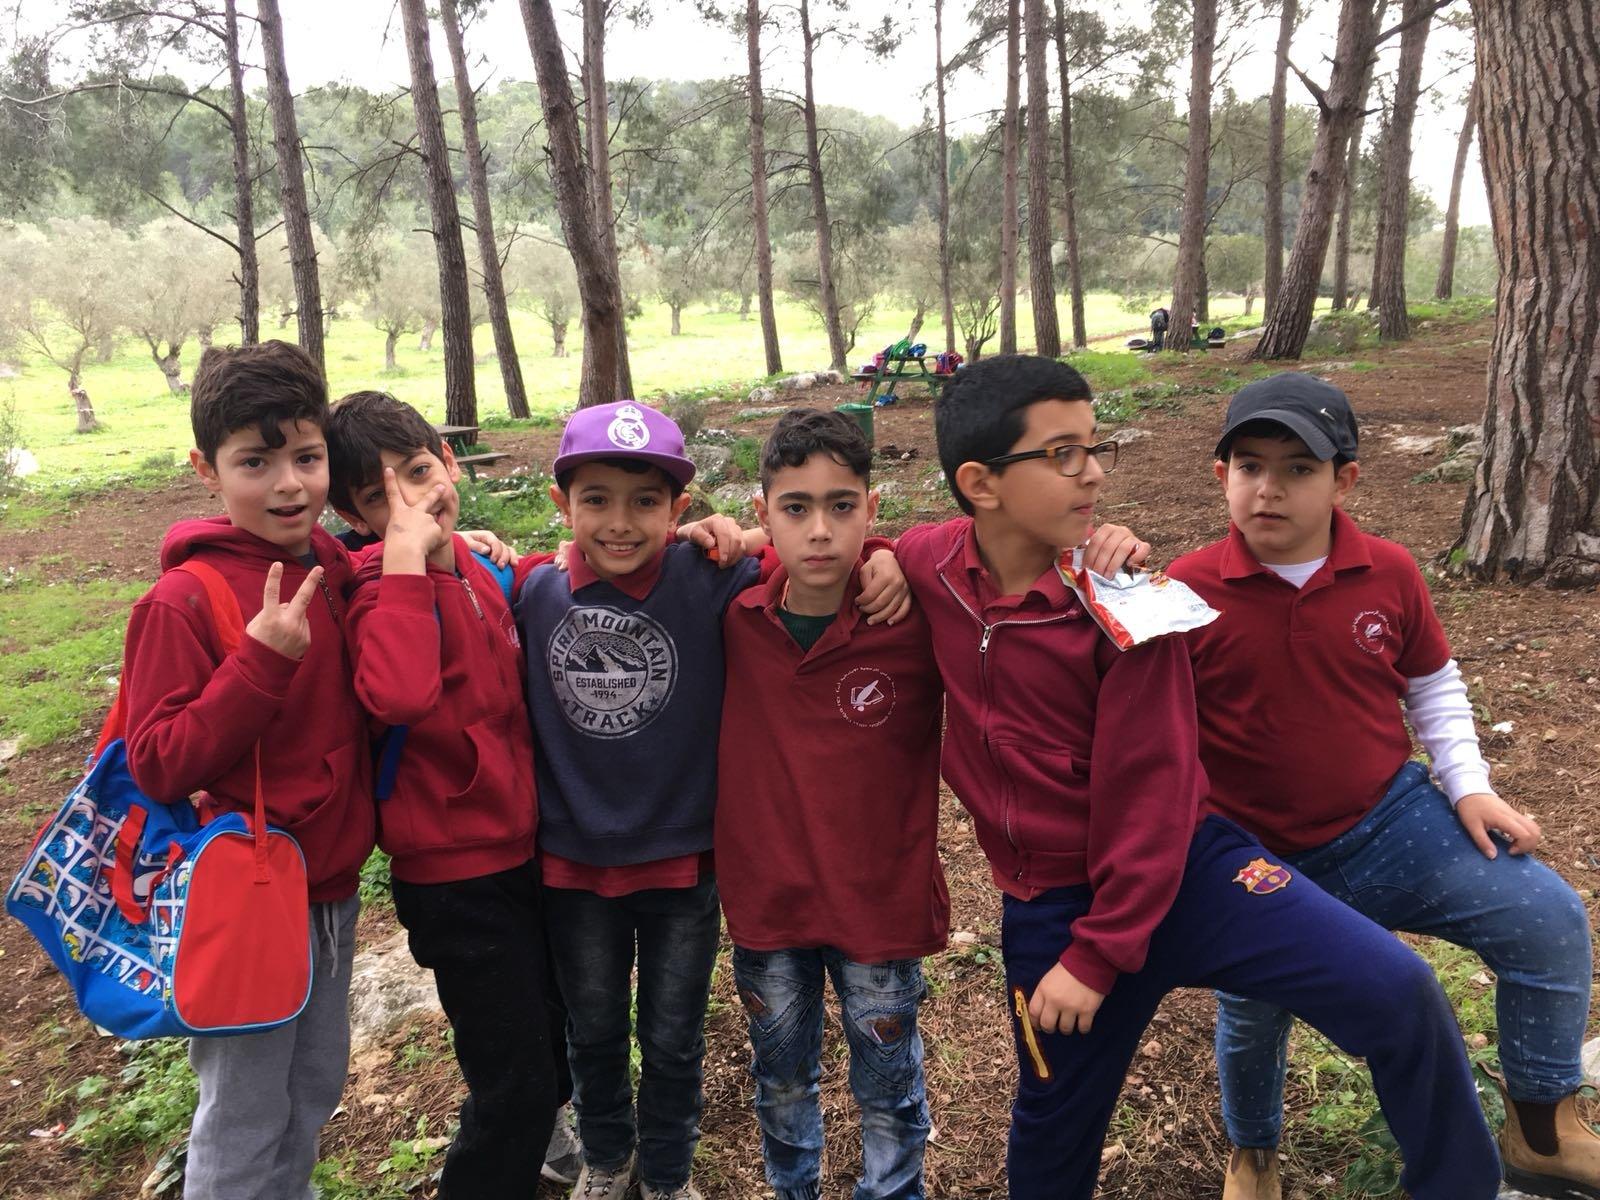 الابتدائيّة جولس ب تحتفل مع جمعيّة حماية الطّبيعة بعيد غرس الأشجار في حرش أحيهود